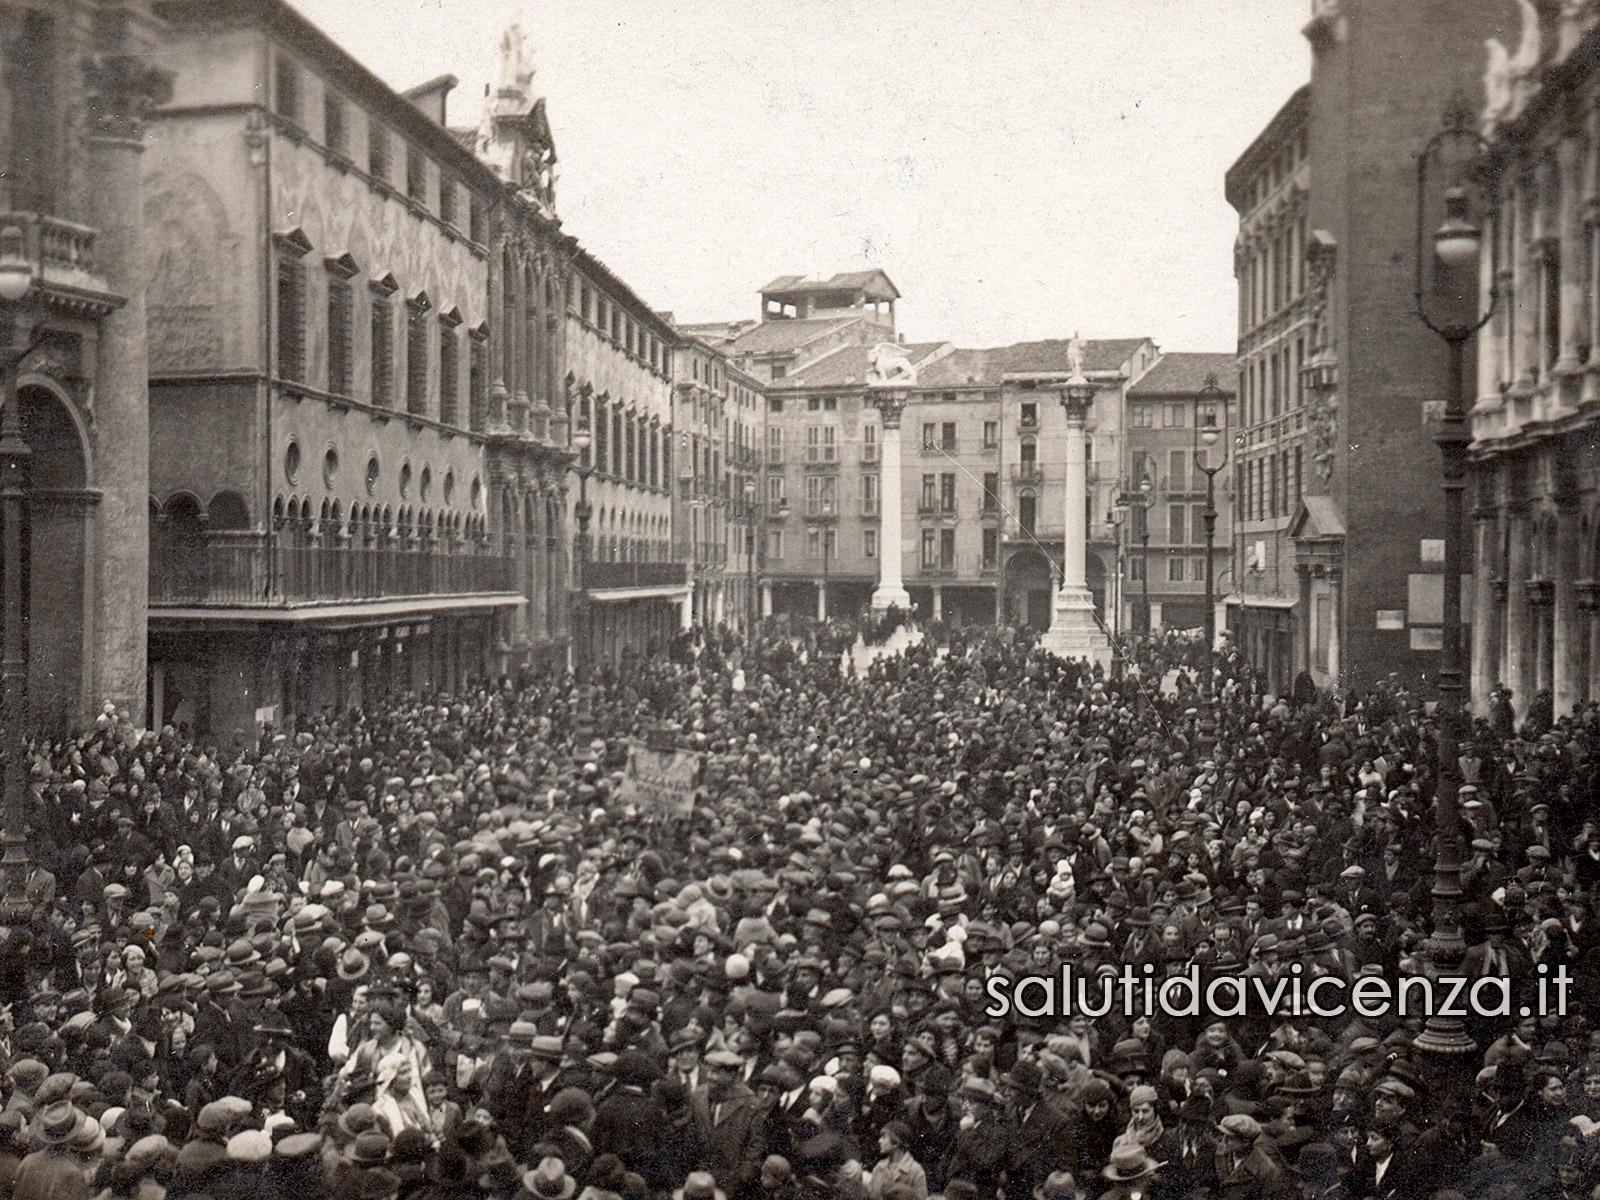 Le piazze del centro storico di Vicenza